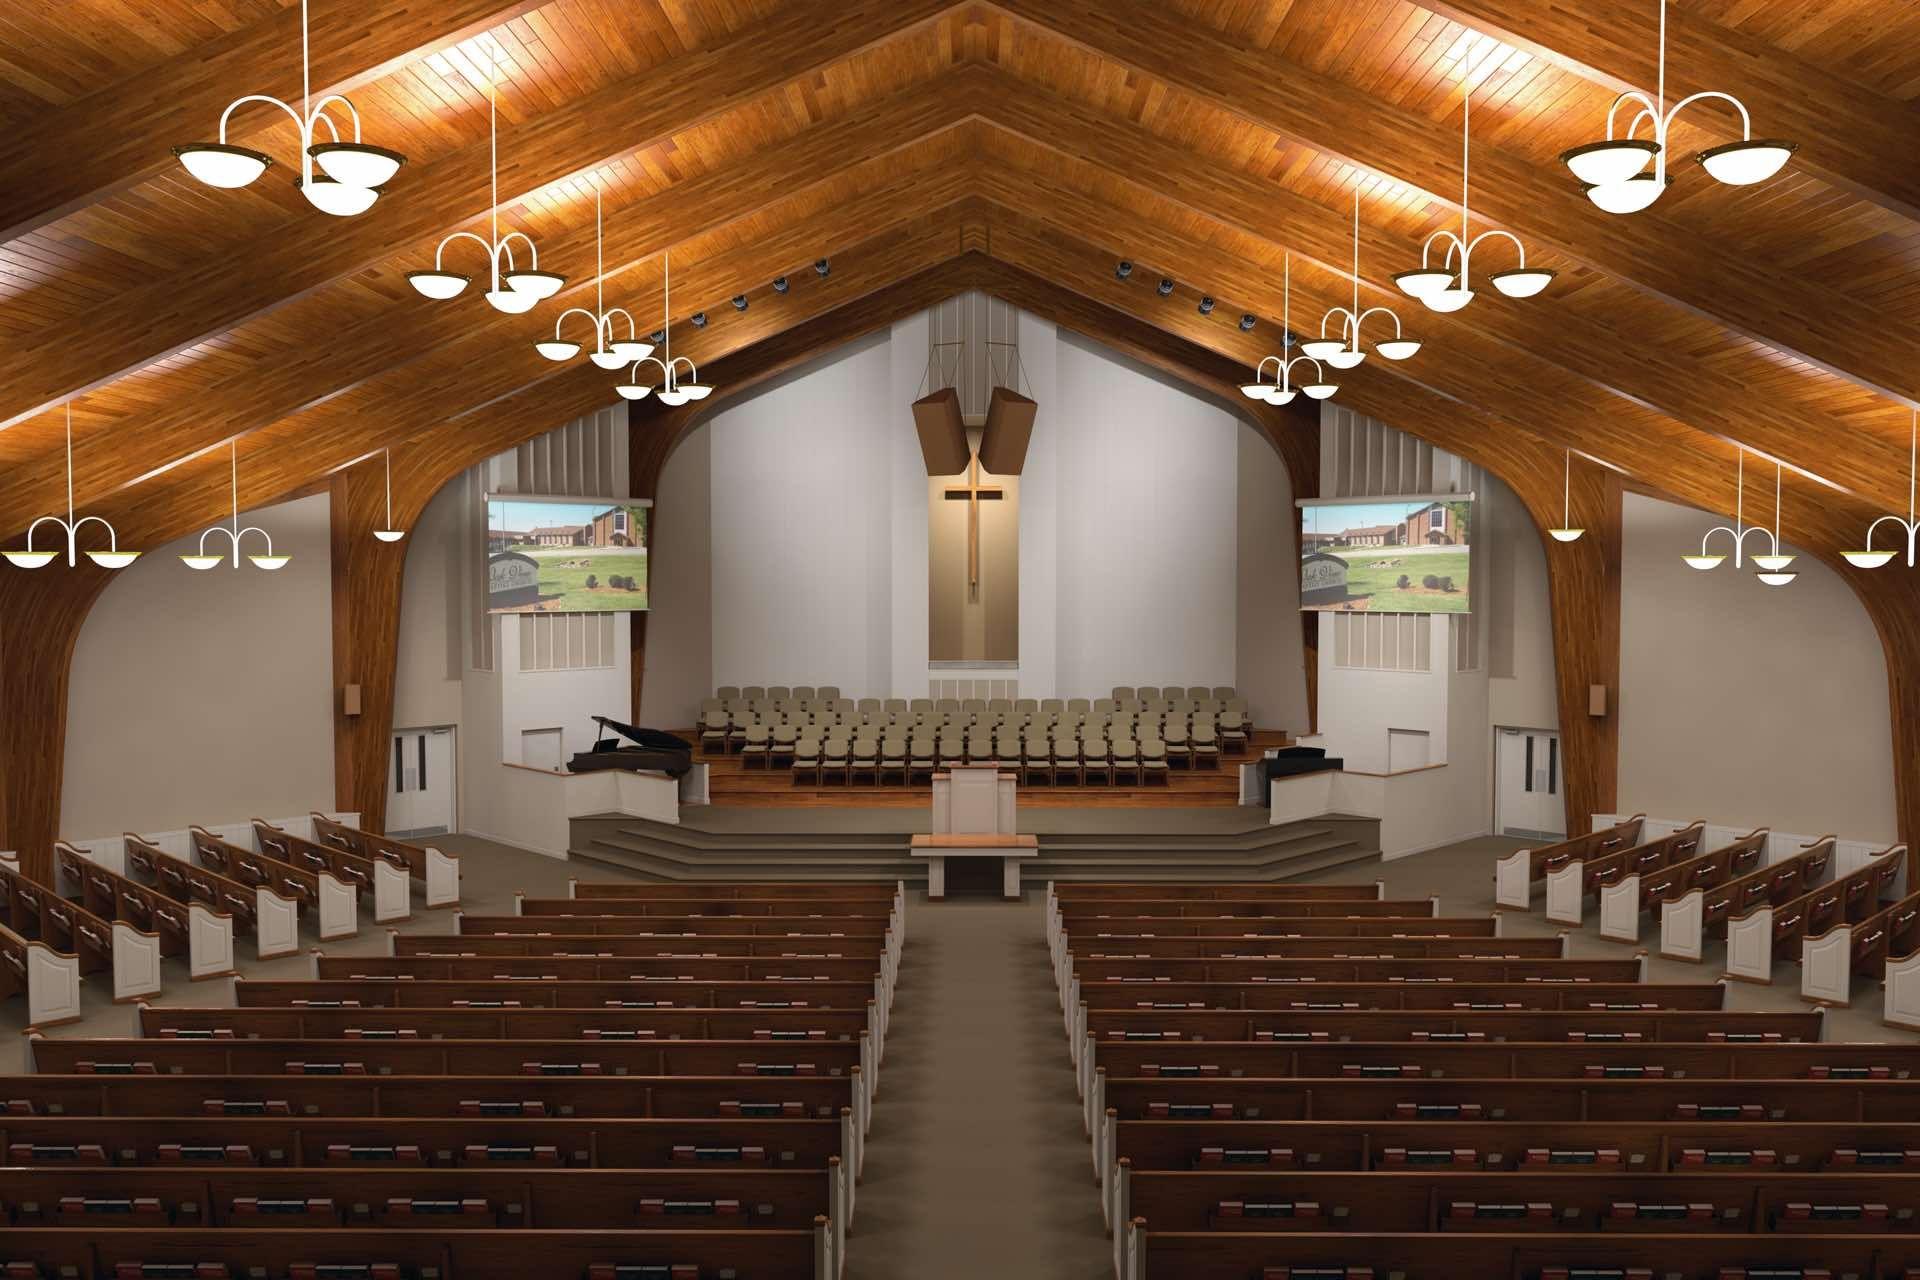 44 Images Of Astonishing Modern Church Interior Design Ideas Hausratversicherungkosten